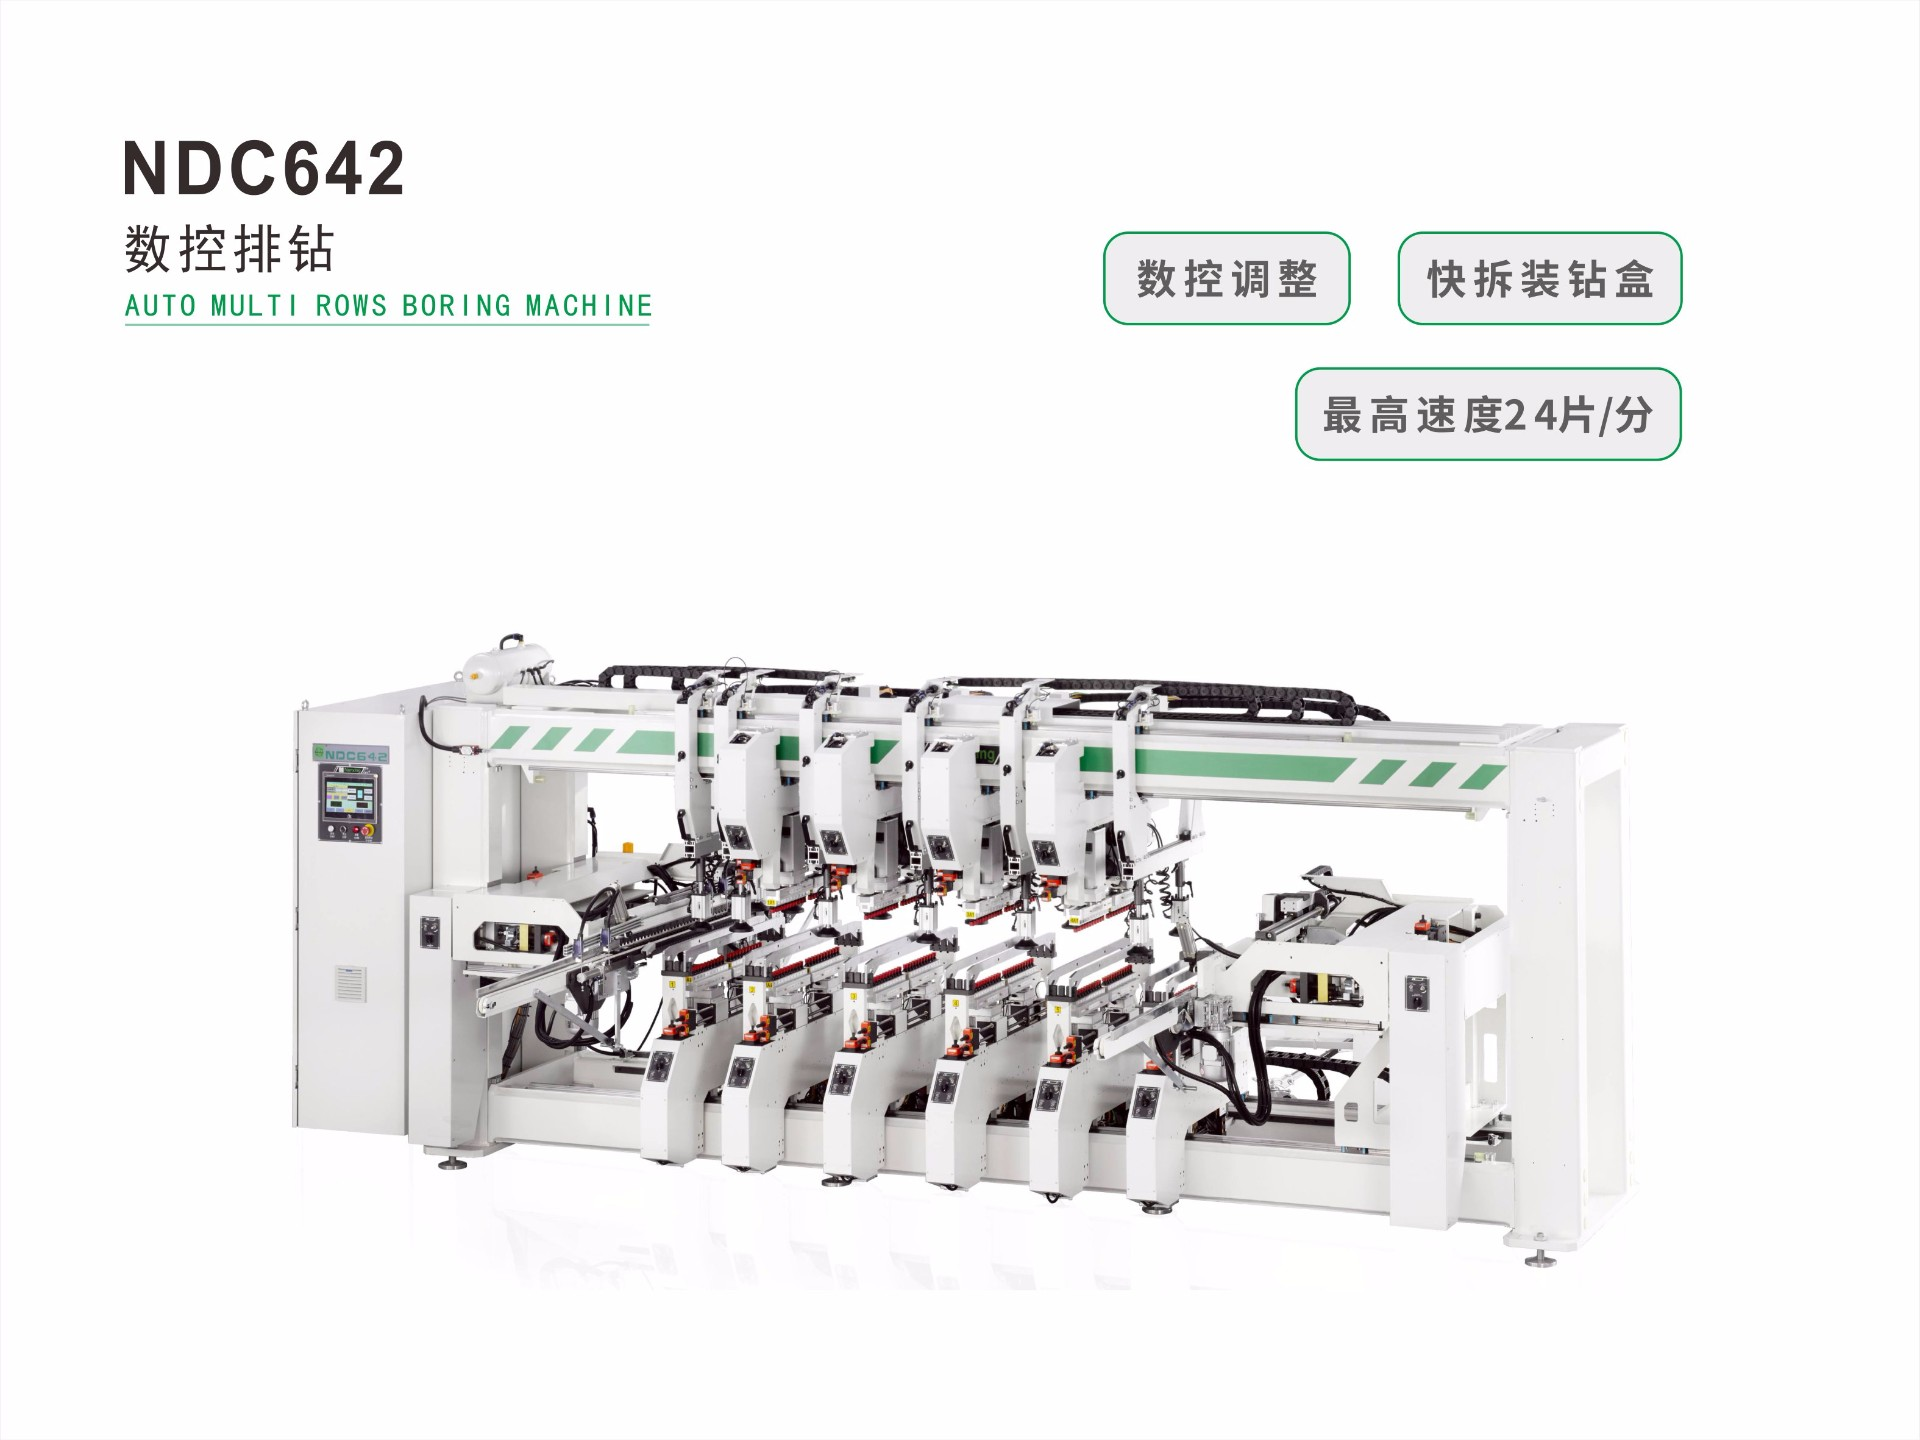 数控排钻 NDC642